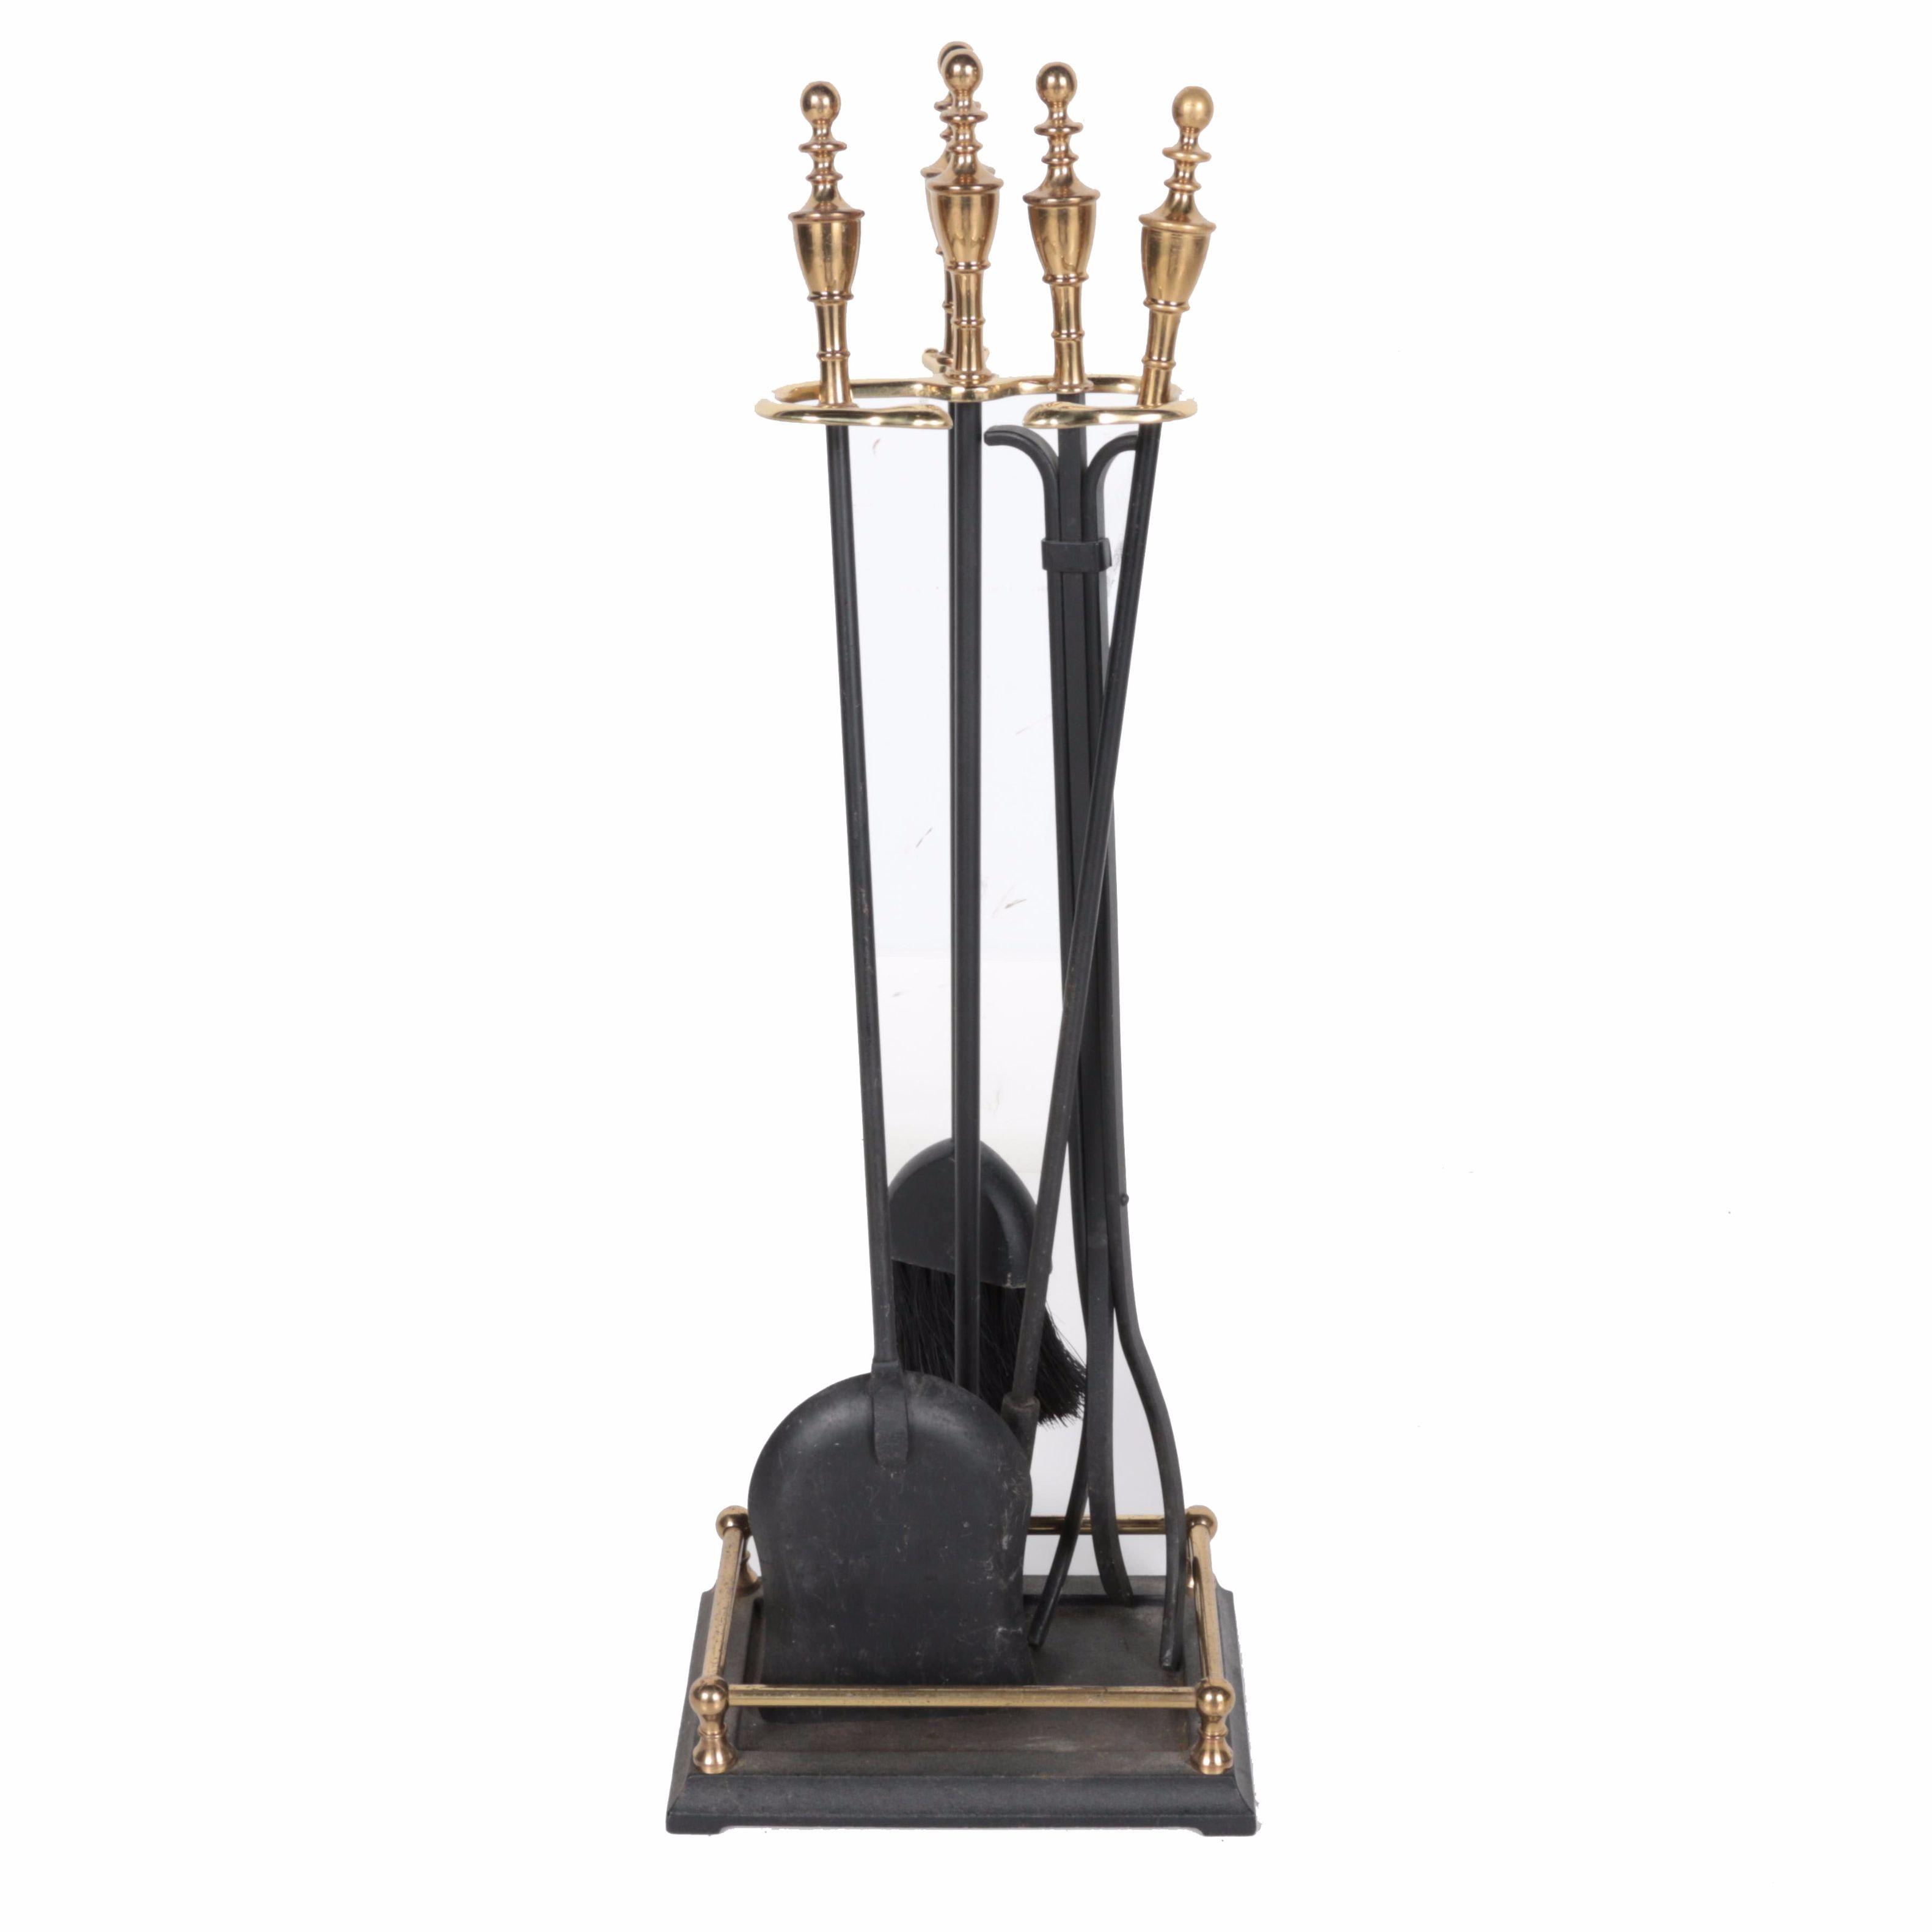 Pilgrim Brass and Iron Fireplace Tool Set